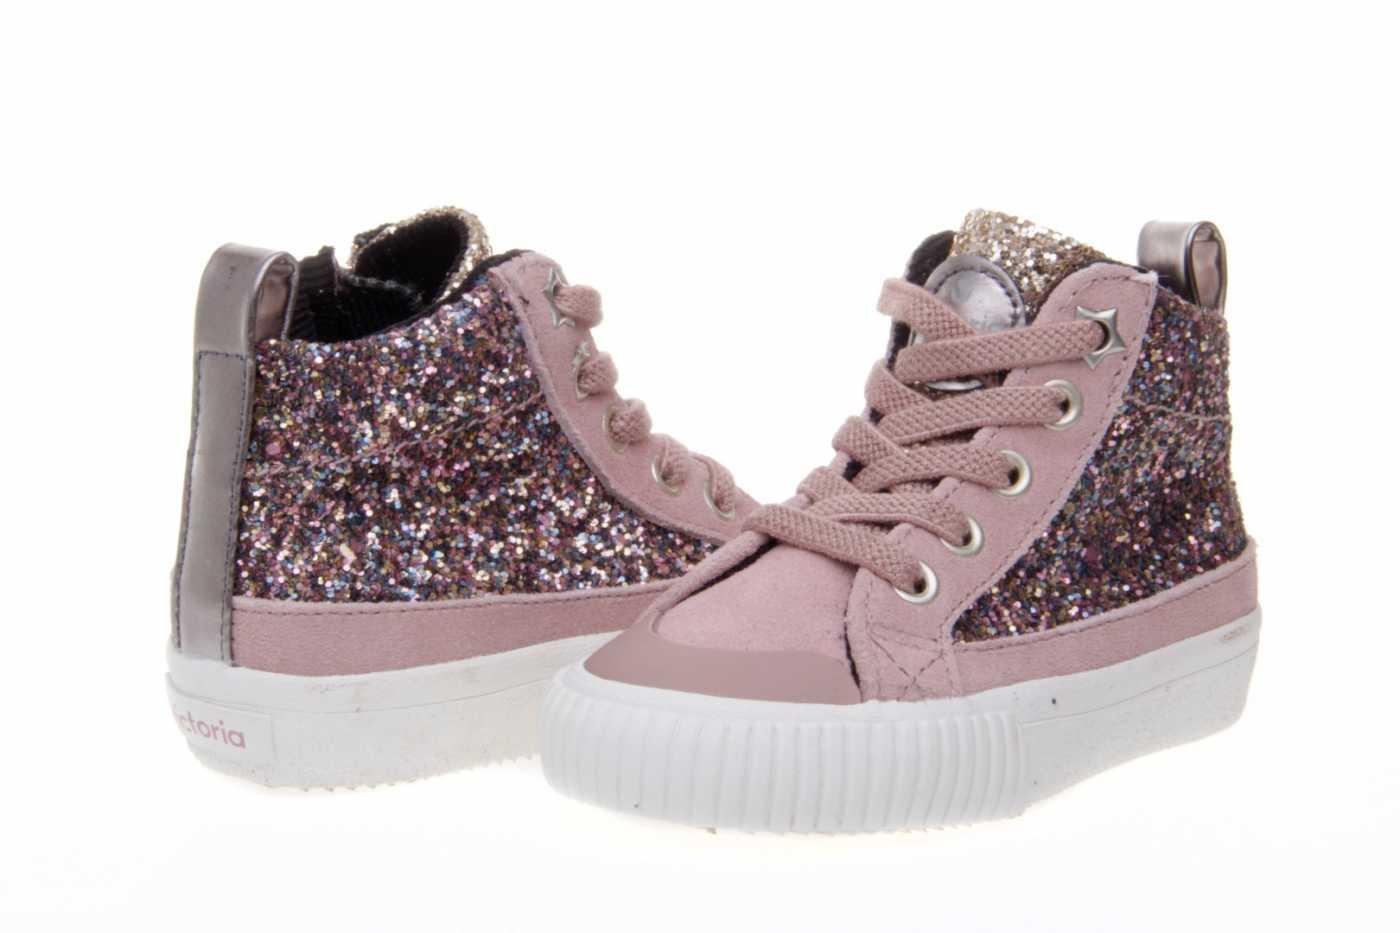 fdc14671941 Comprar Zapato Niña Joven Botas Tipo Estilo Bota Color Piel Rosa xrw6axqdt